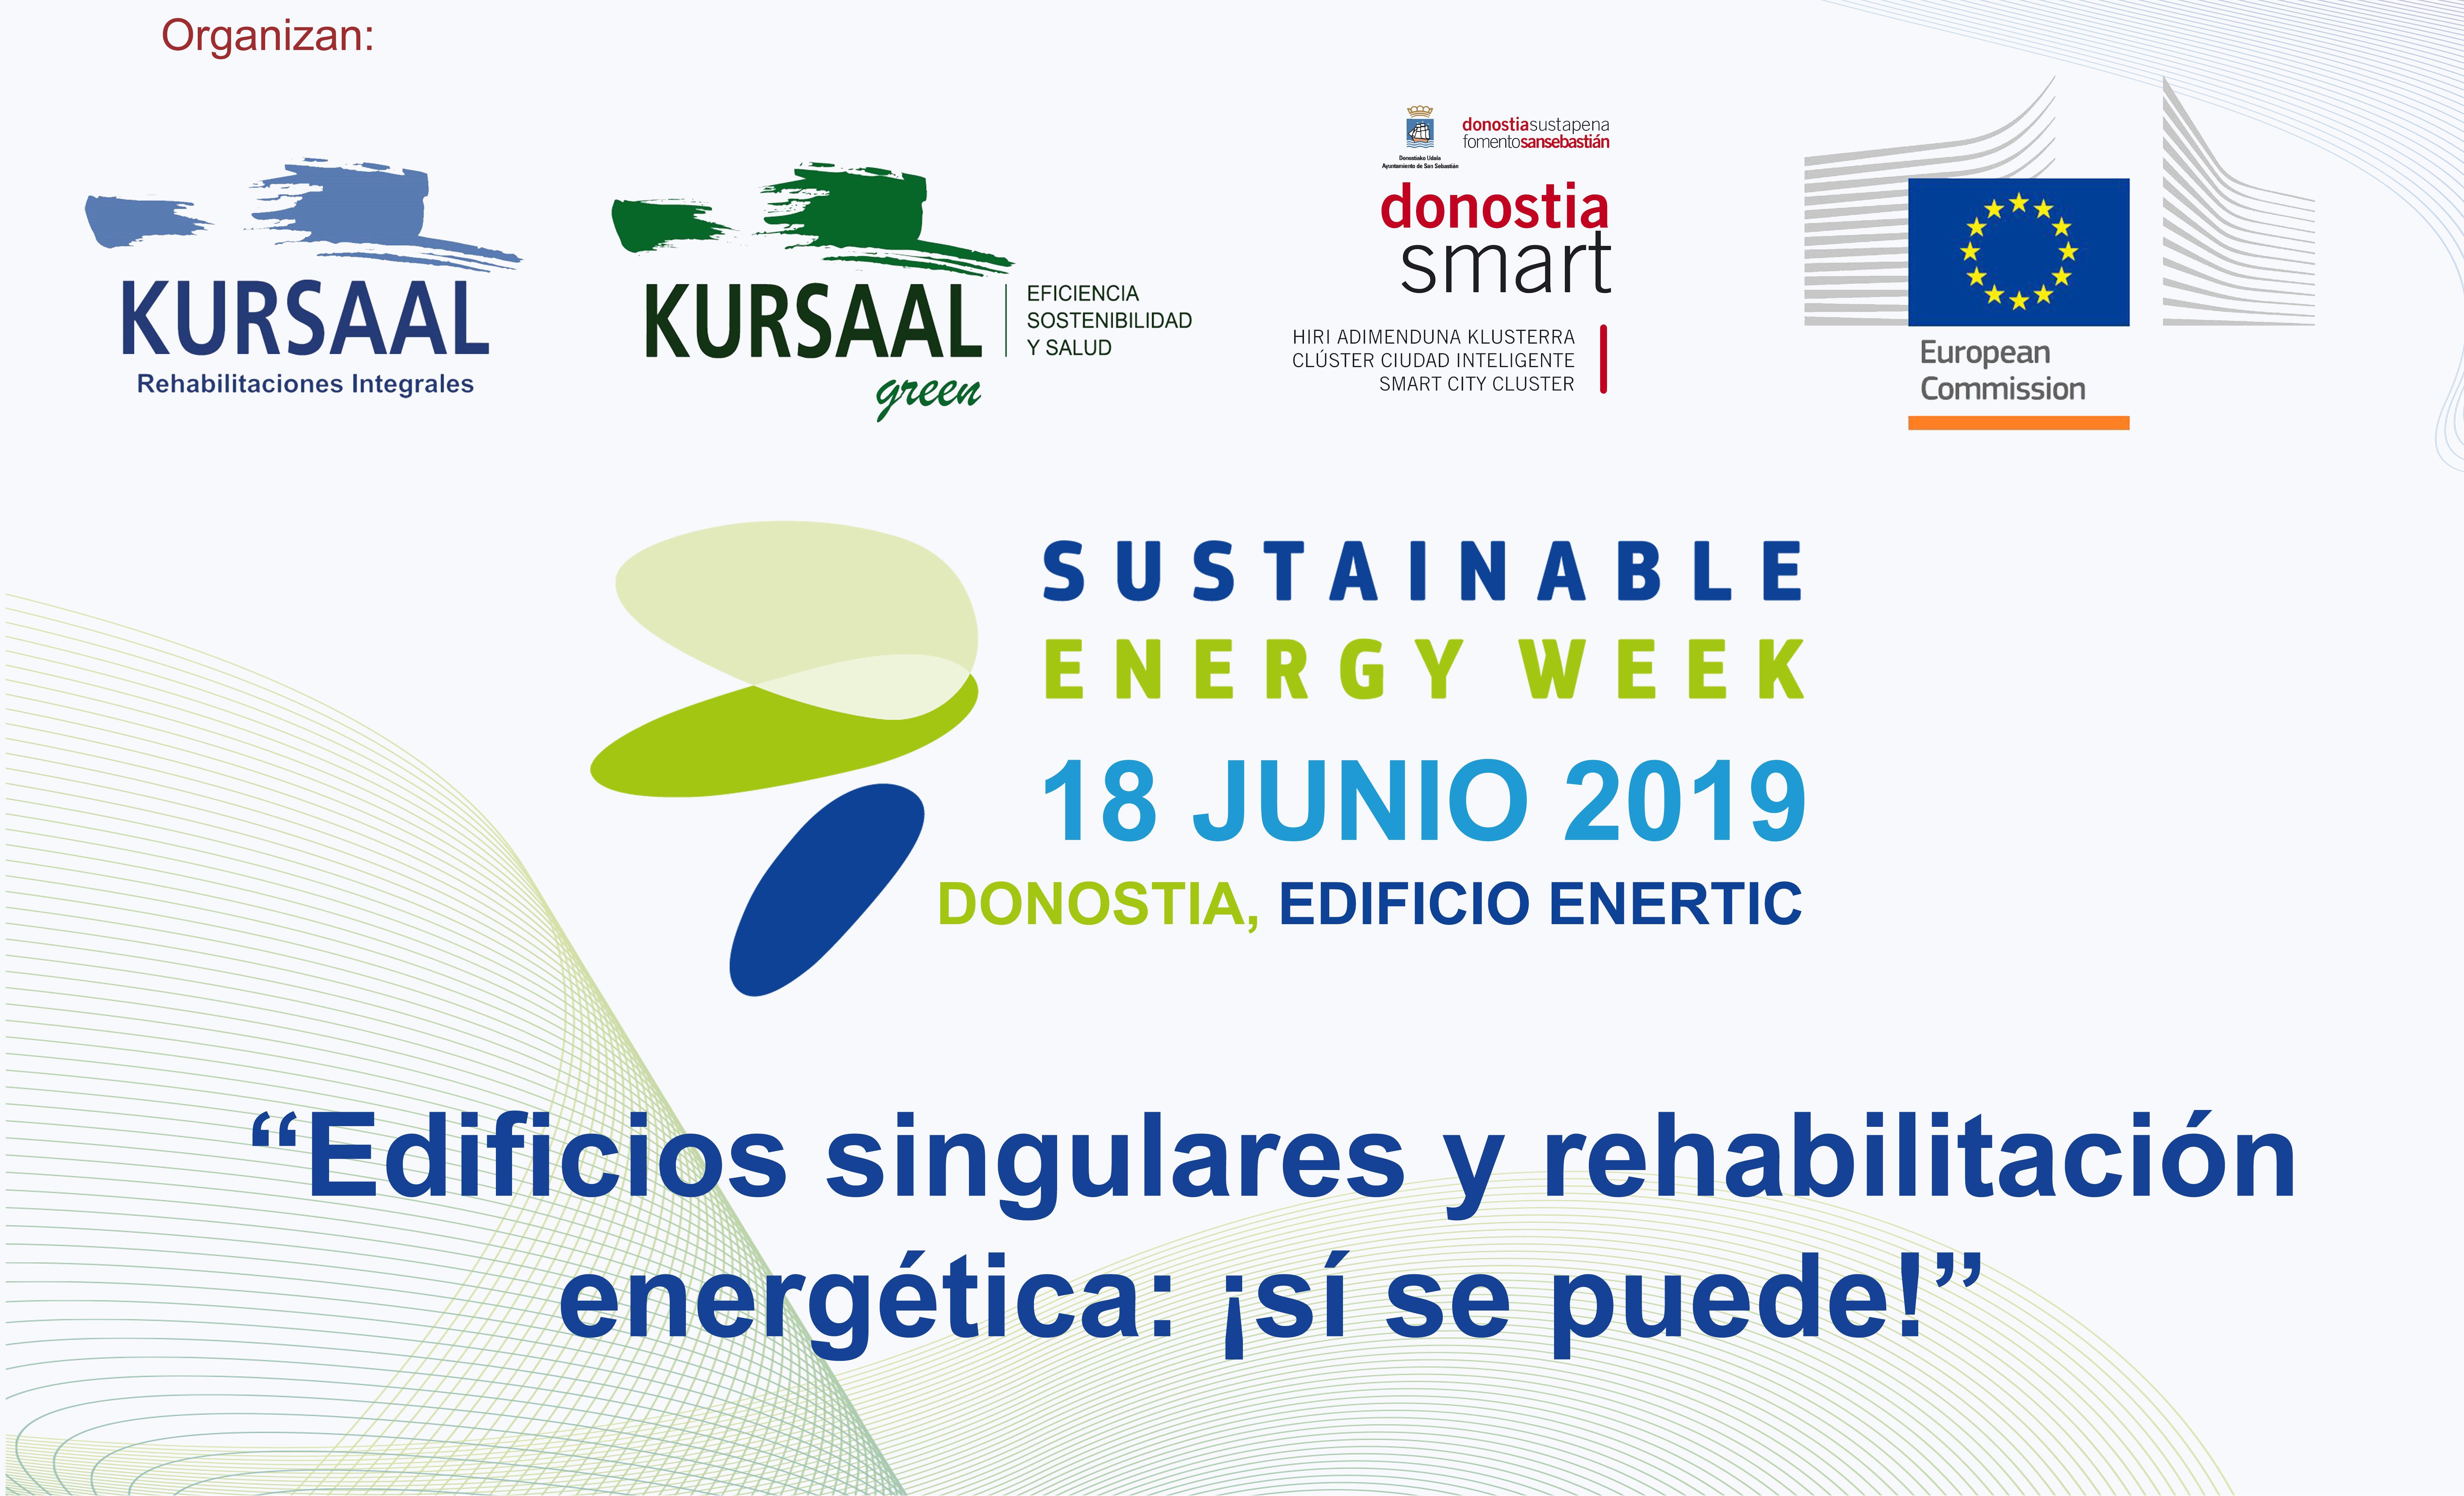 foto noticia: Por sexto año consecutivo Kursaal Rehabilitaciones organizamos una jornada enmarcada en la Semana Europea de la Energía Sostenible